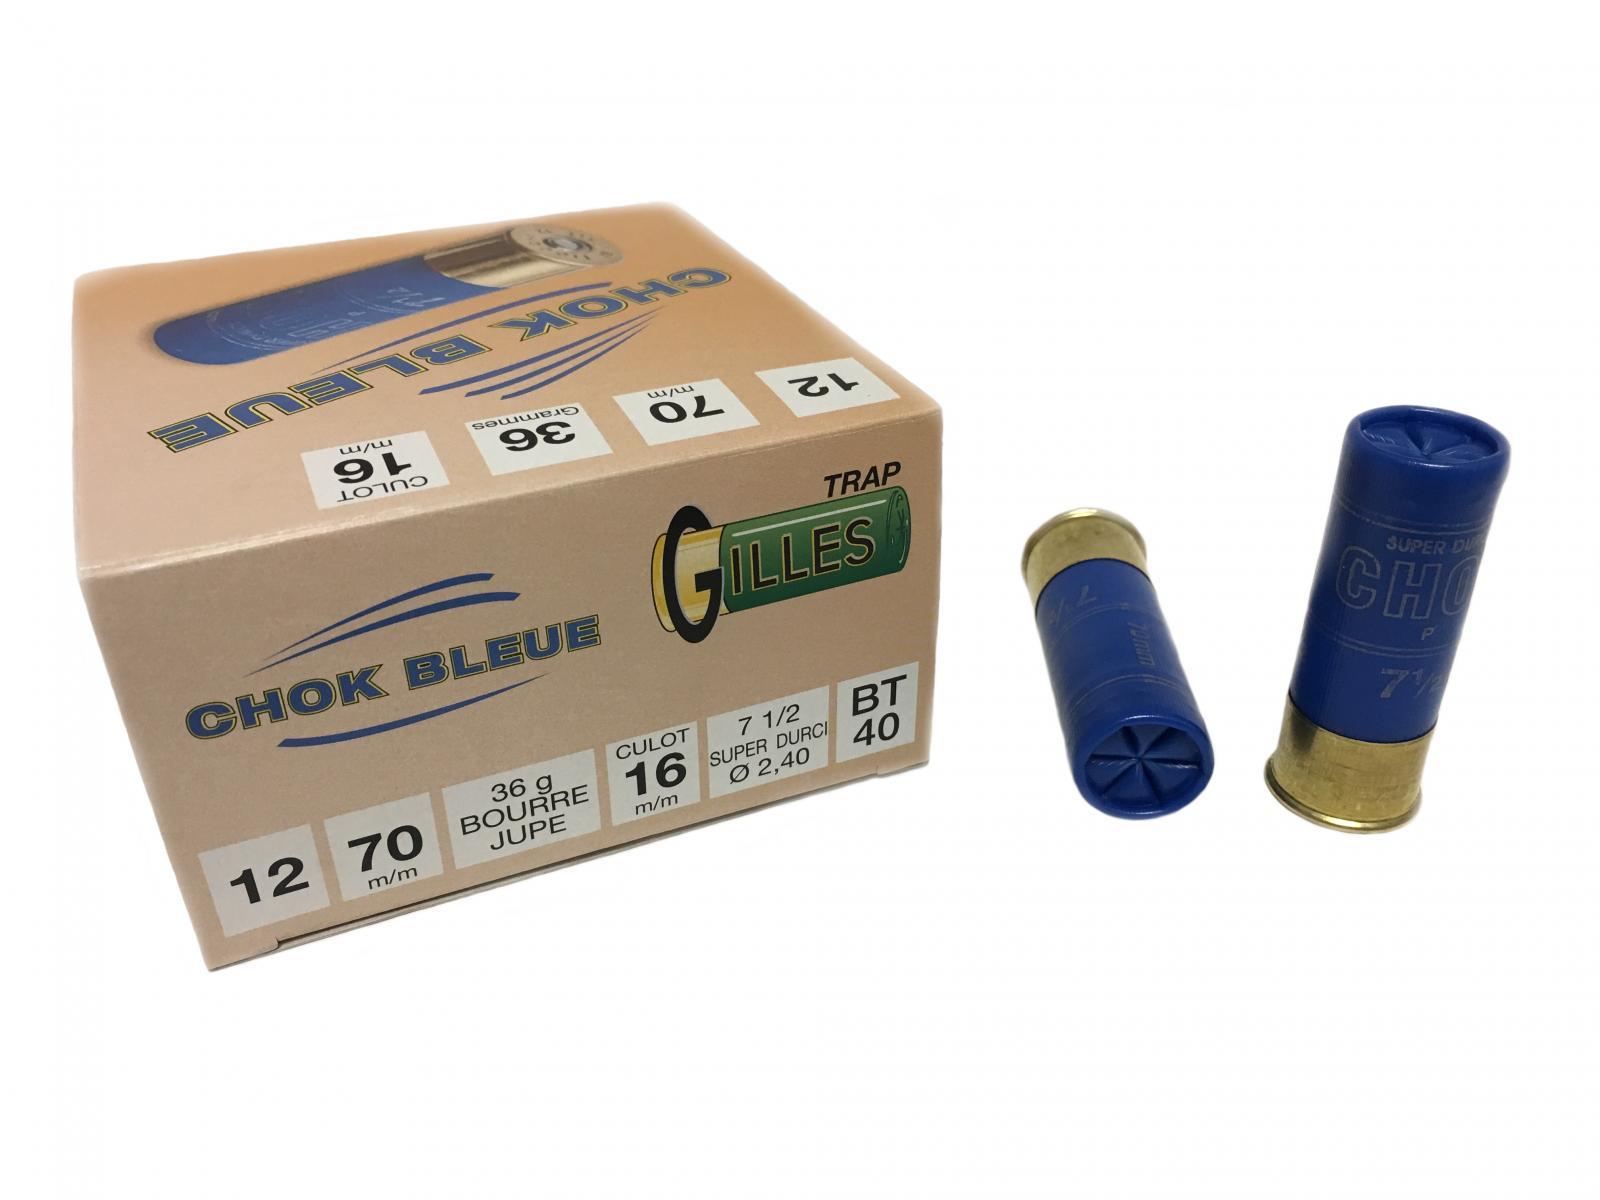 Boite de 25 cartouches CHOK BLEUE cal 12 BT40